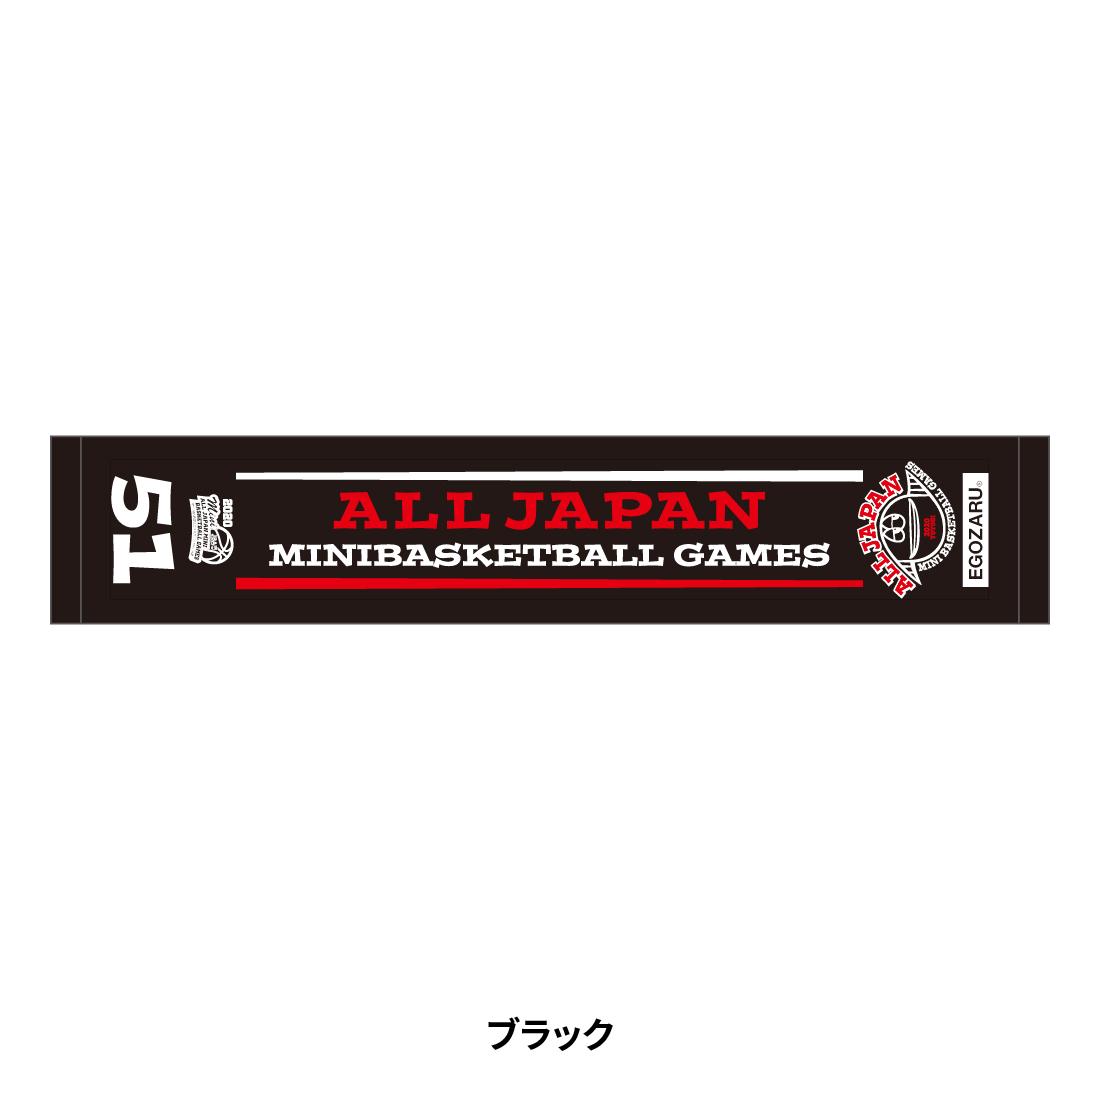 【第51回全ミニ限定】マフラータオル ブラック